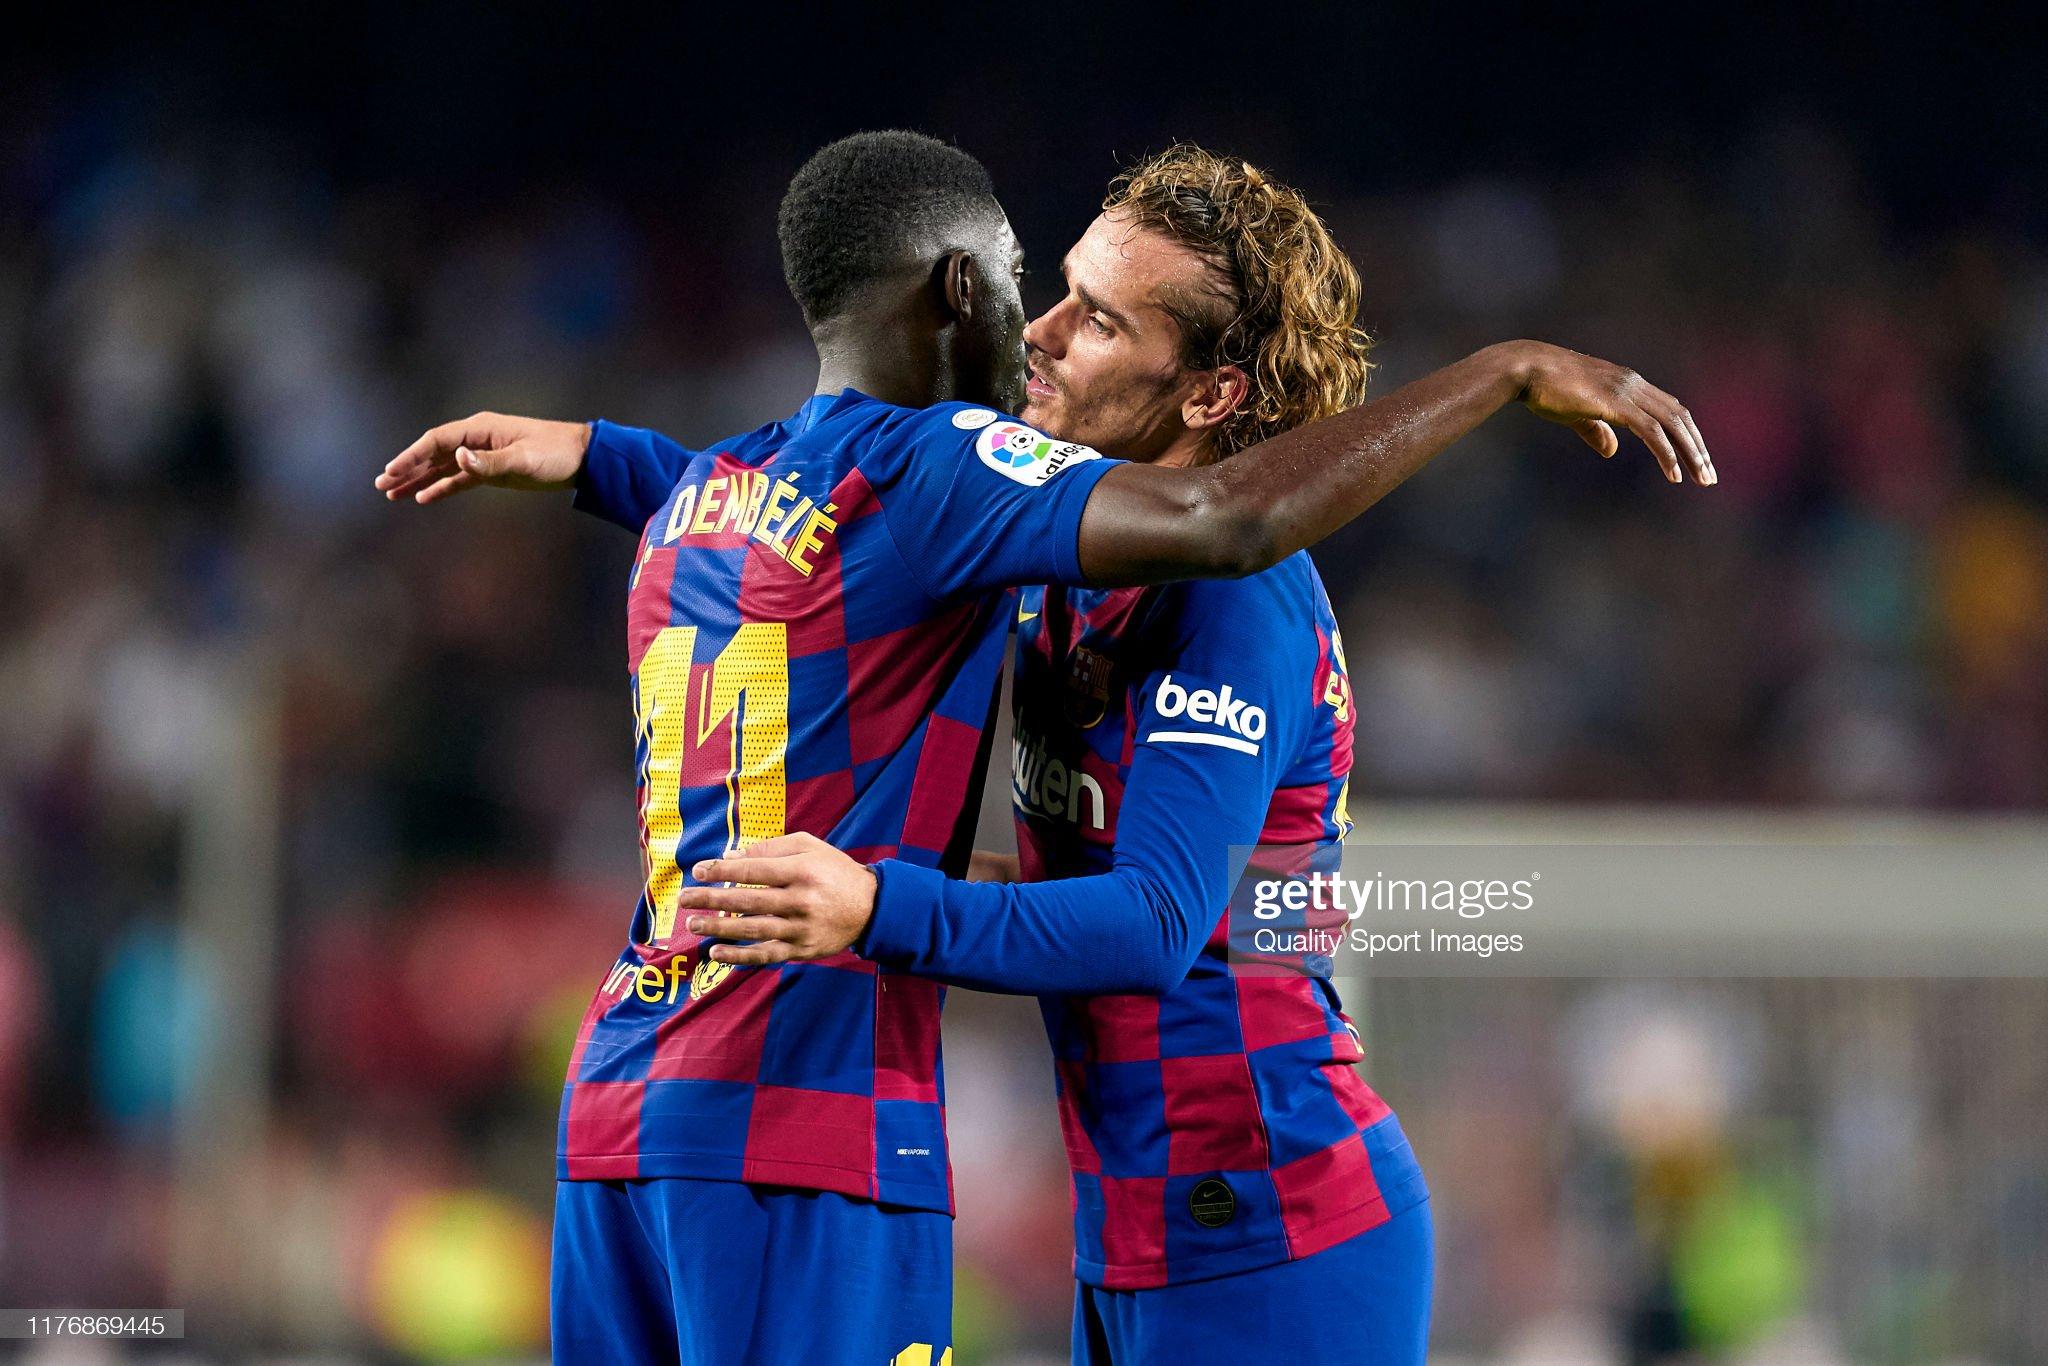 صور مباراة : برشلونة - فياريال 2-1 ( 24-09-2019 )  Ousmane-dembele-and-antoine-griezmann-of-fc-barcelona-at-the-end-of-picture-id1176869445?s=2048x2048